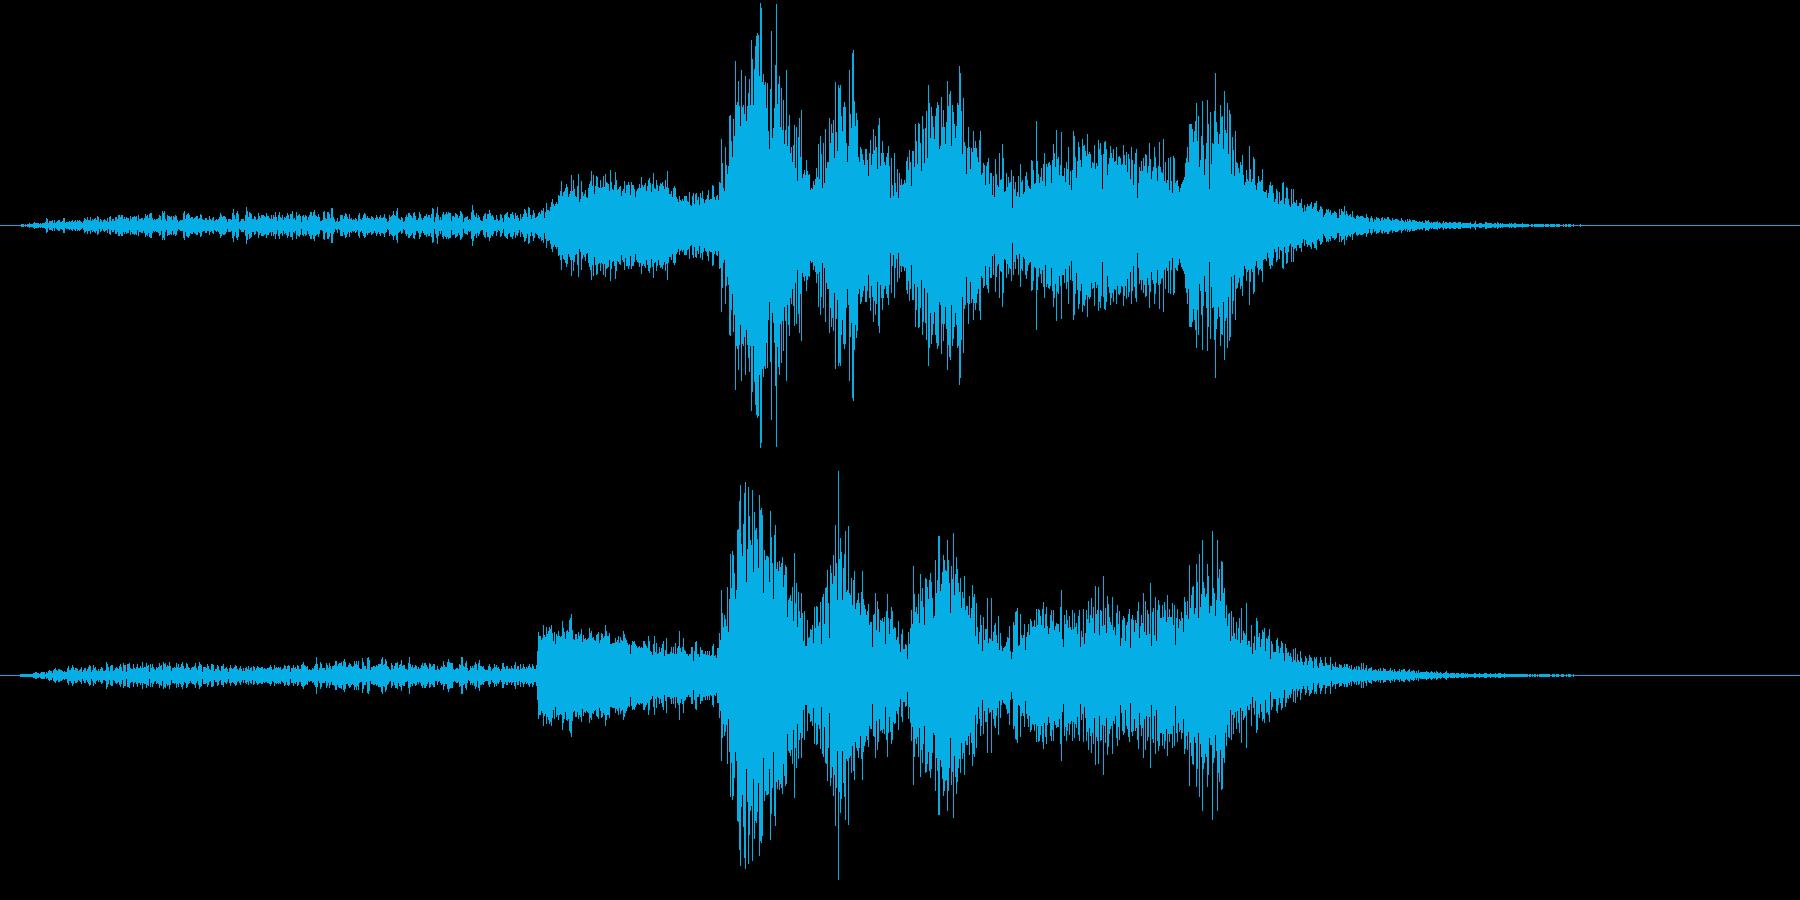 ハロウィン系ジングル3-1の再生済みの波形